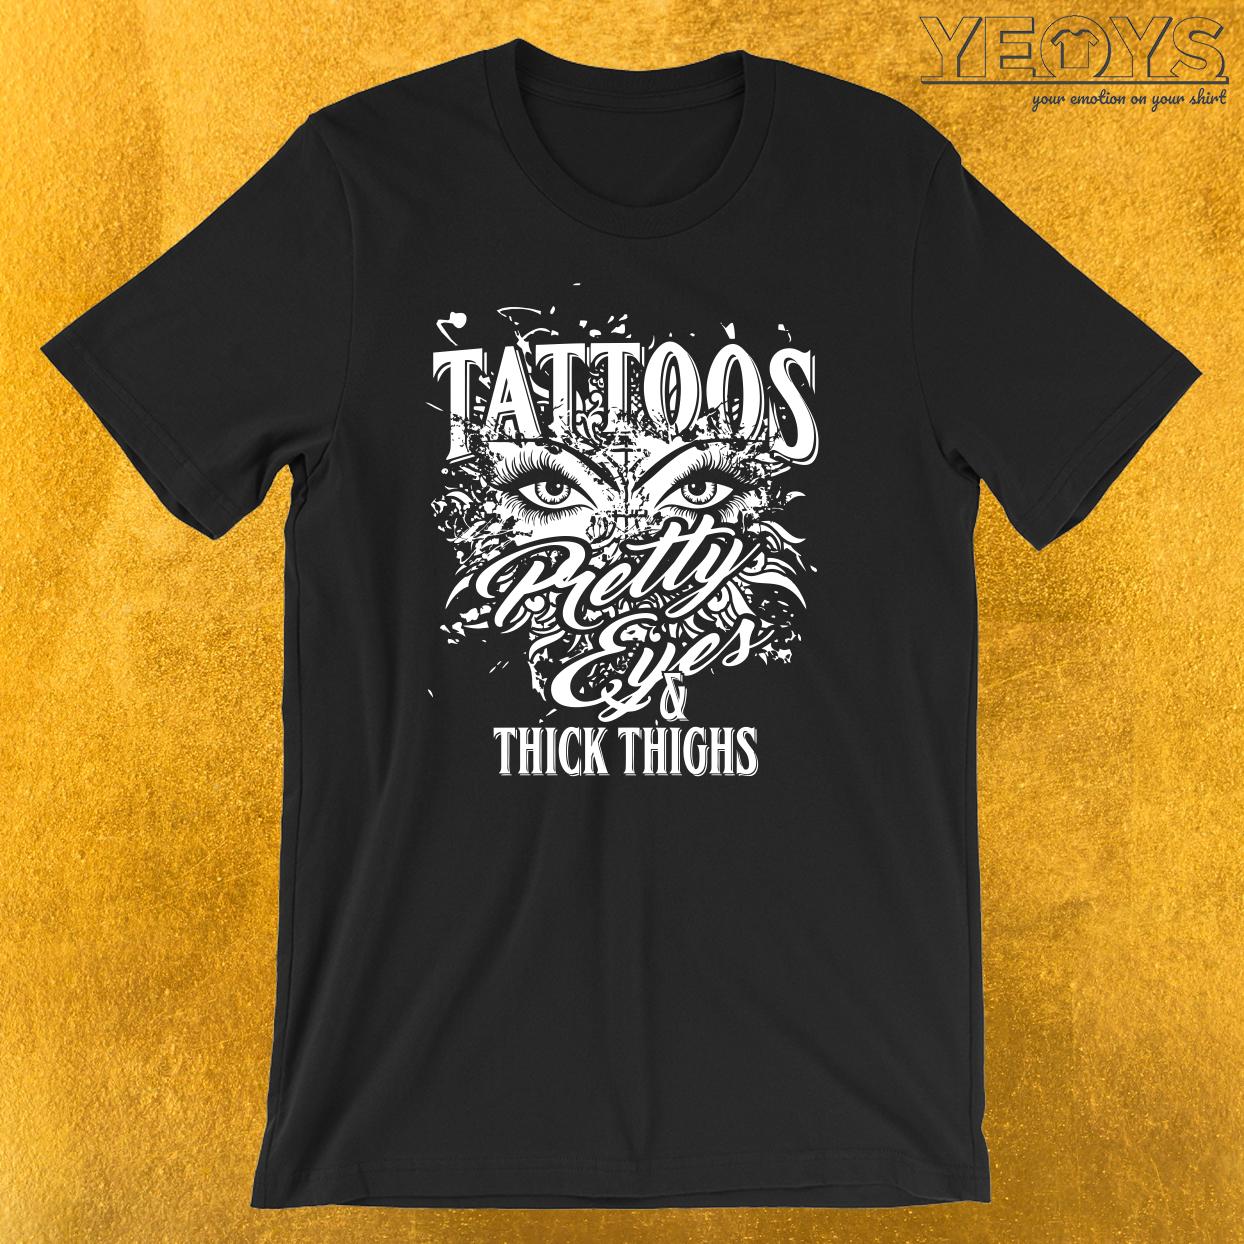 Tattoos Pretty Eyes Thick Thighs T-Shirt